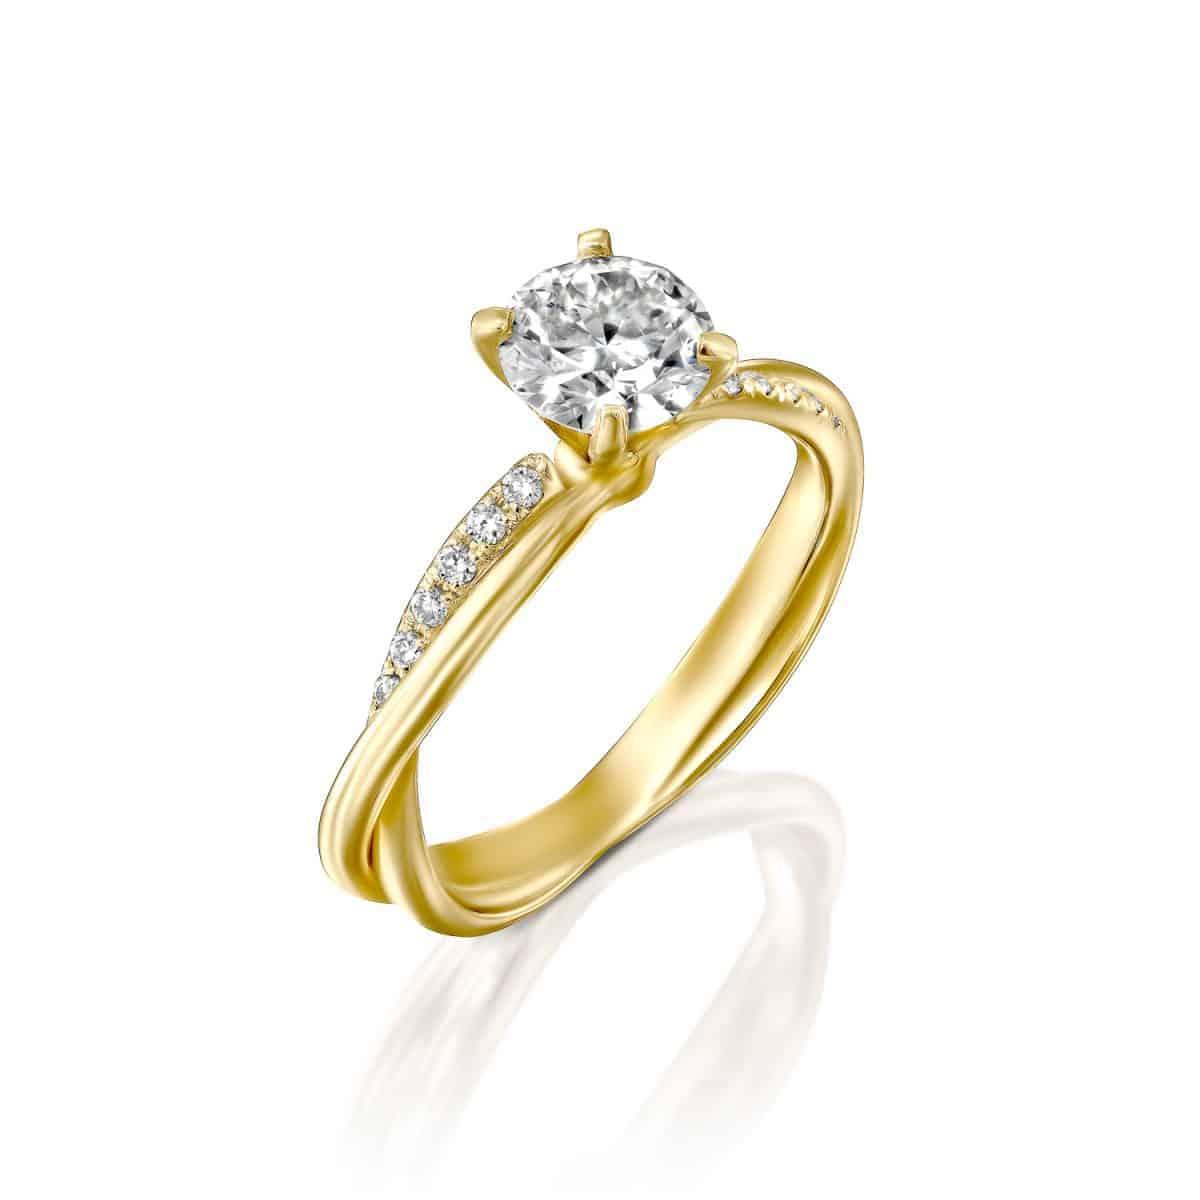 טבעת אירוסין טוויסט - ונ זהב צהוב 1